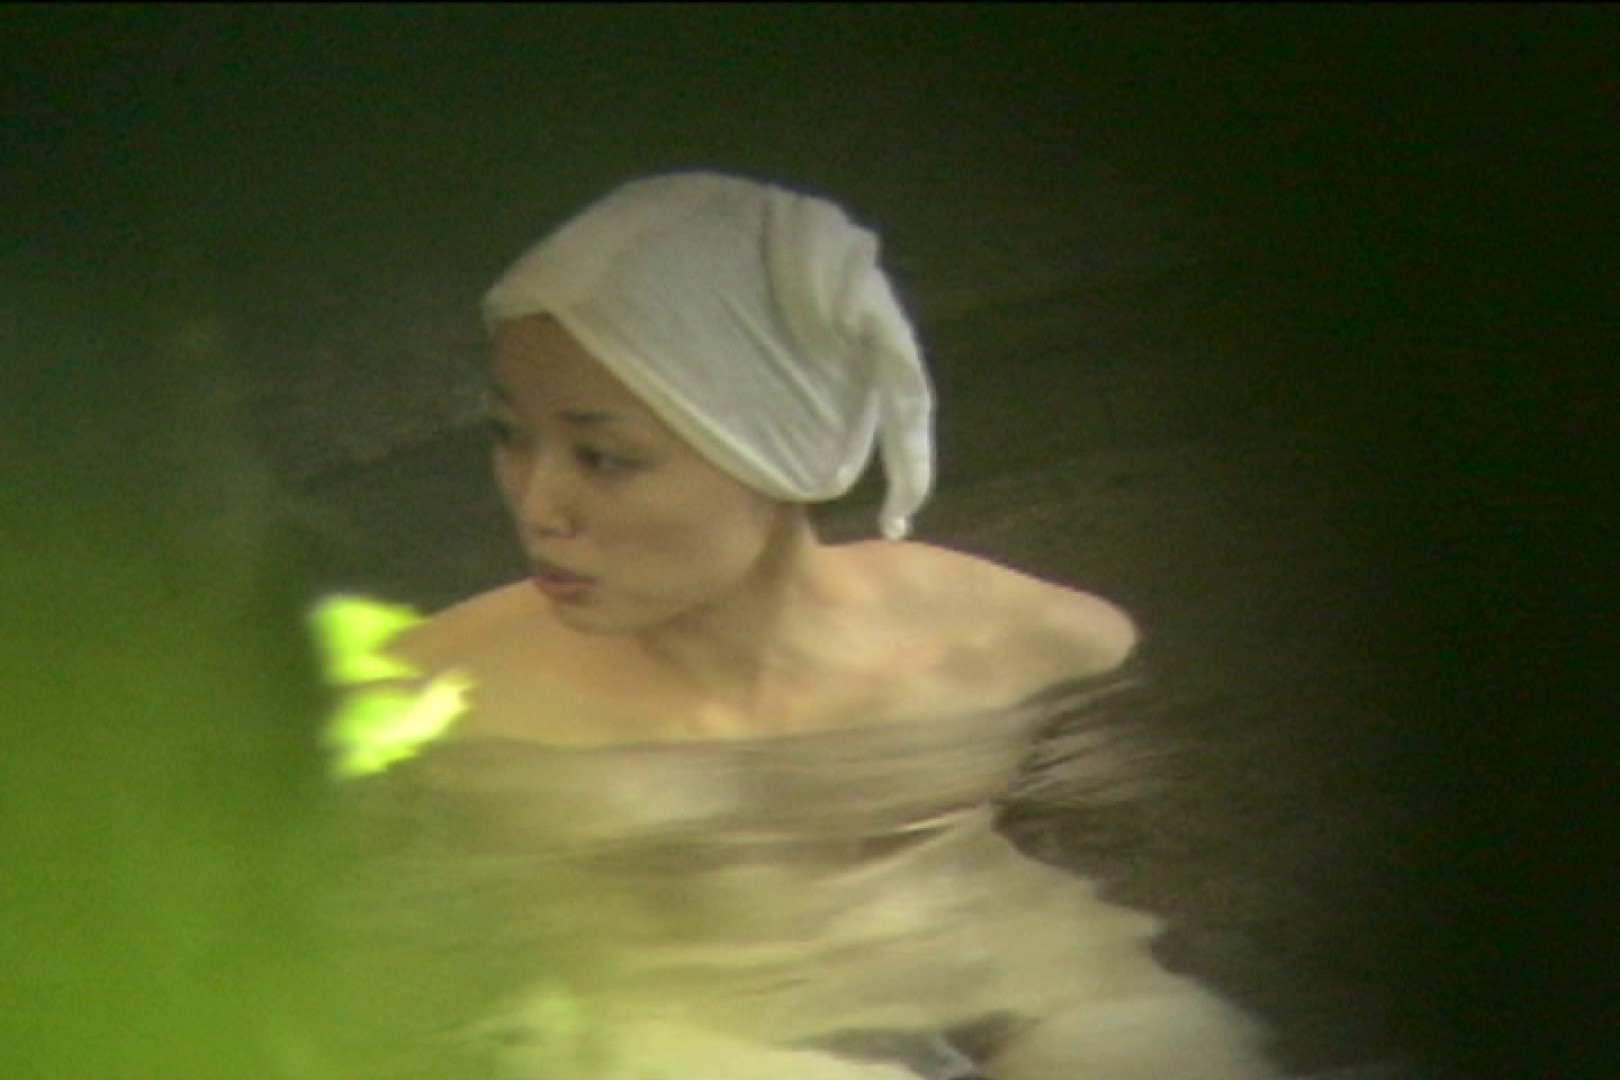 お女市さま編 オムニバスVol.12 露天風呂の女子達 濡れ場動画紹介 56画像 8